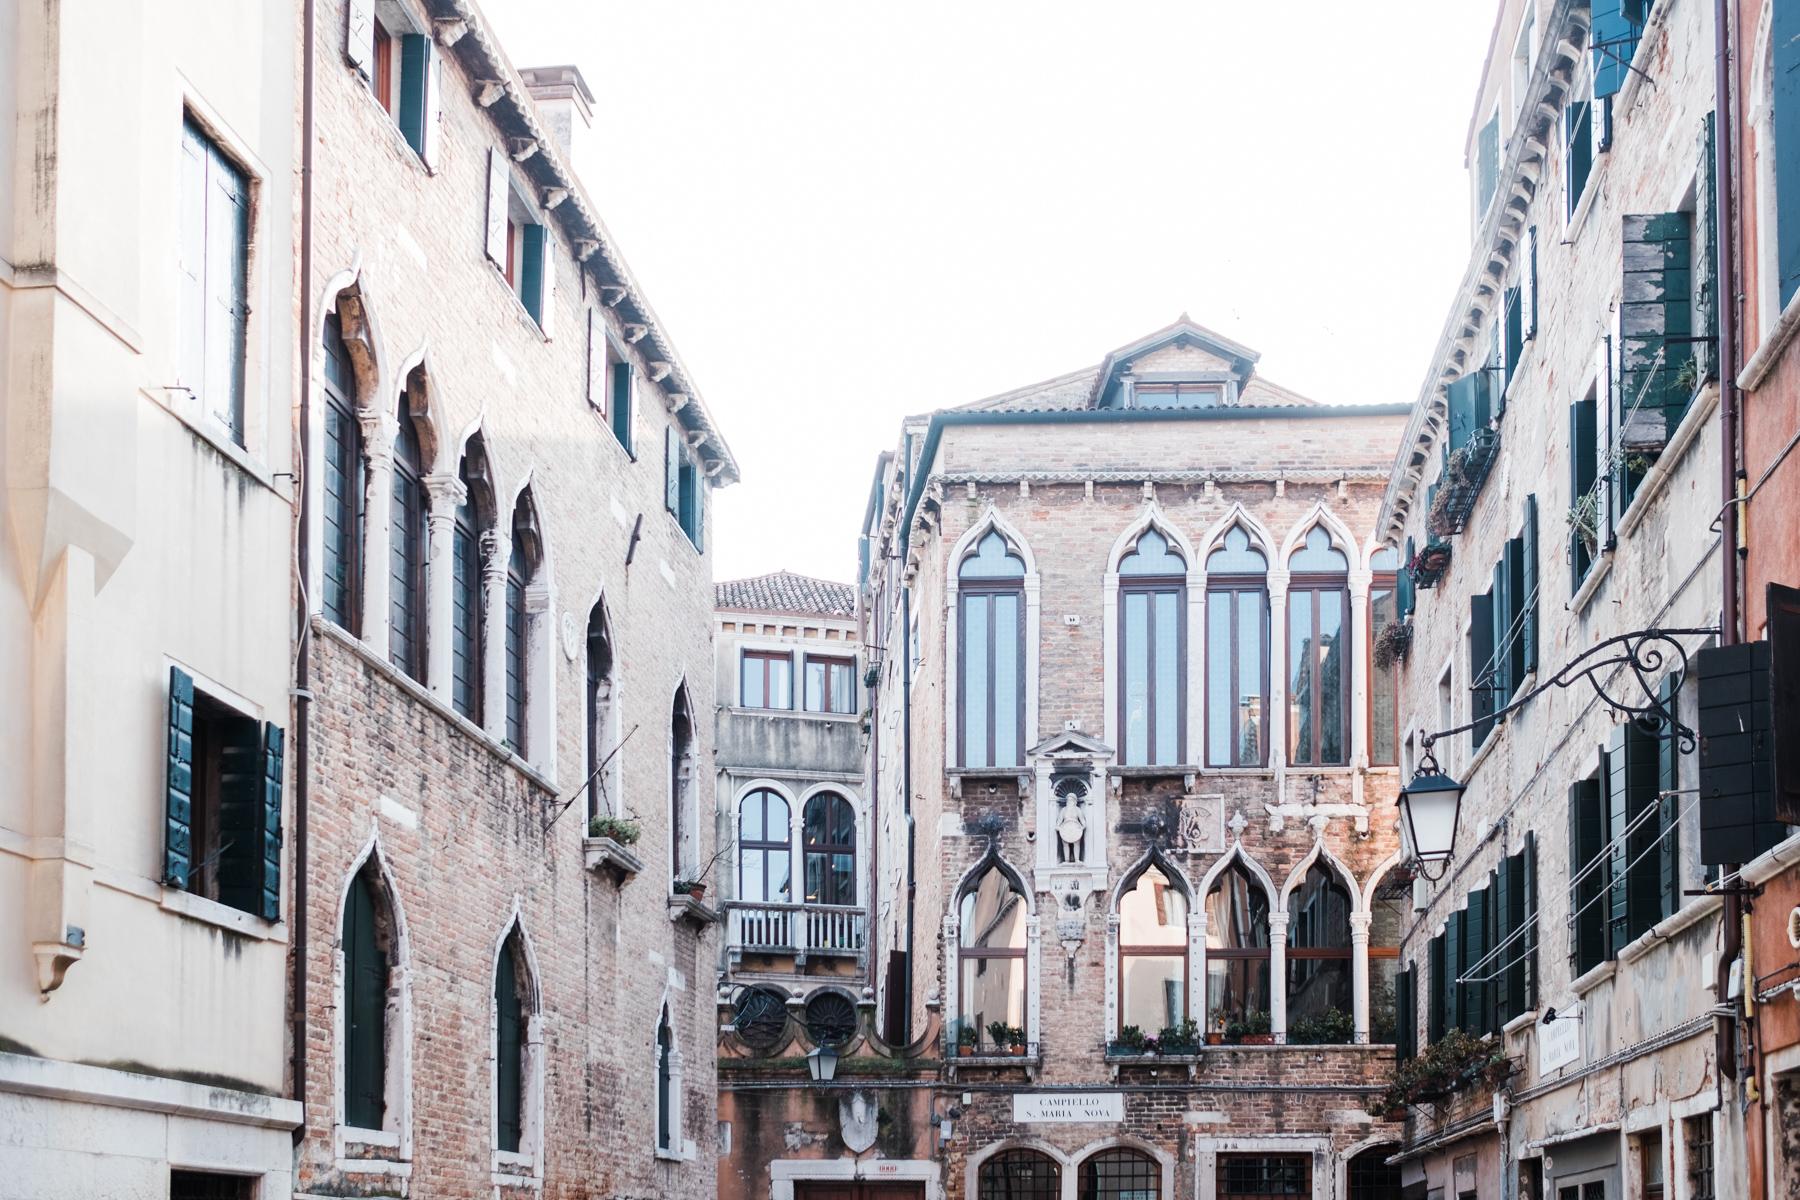 Venice_deersphotography-101